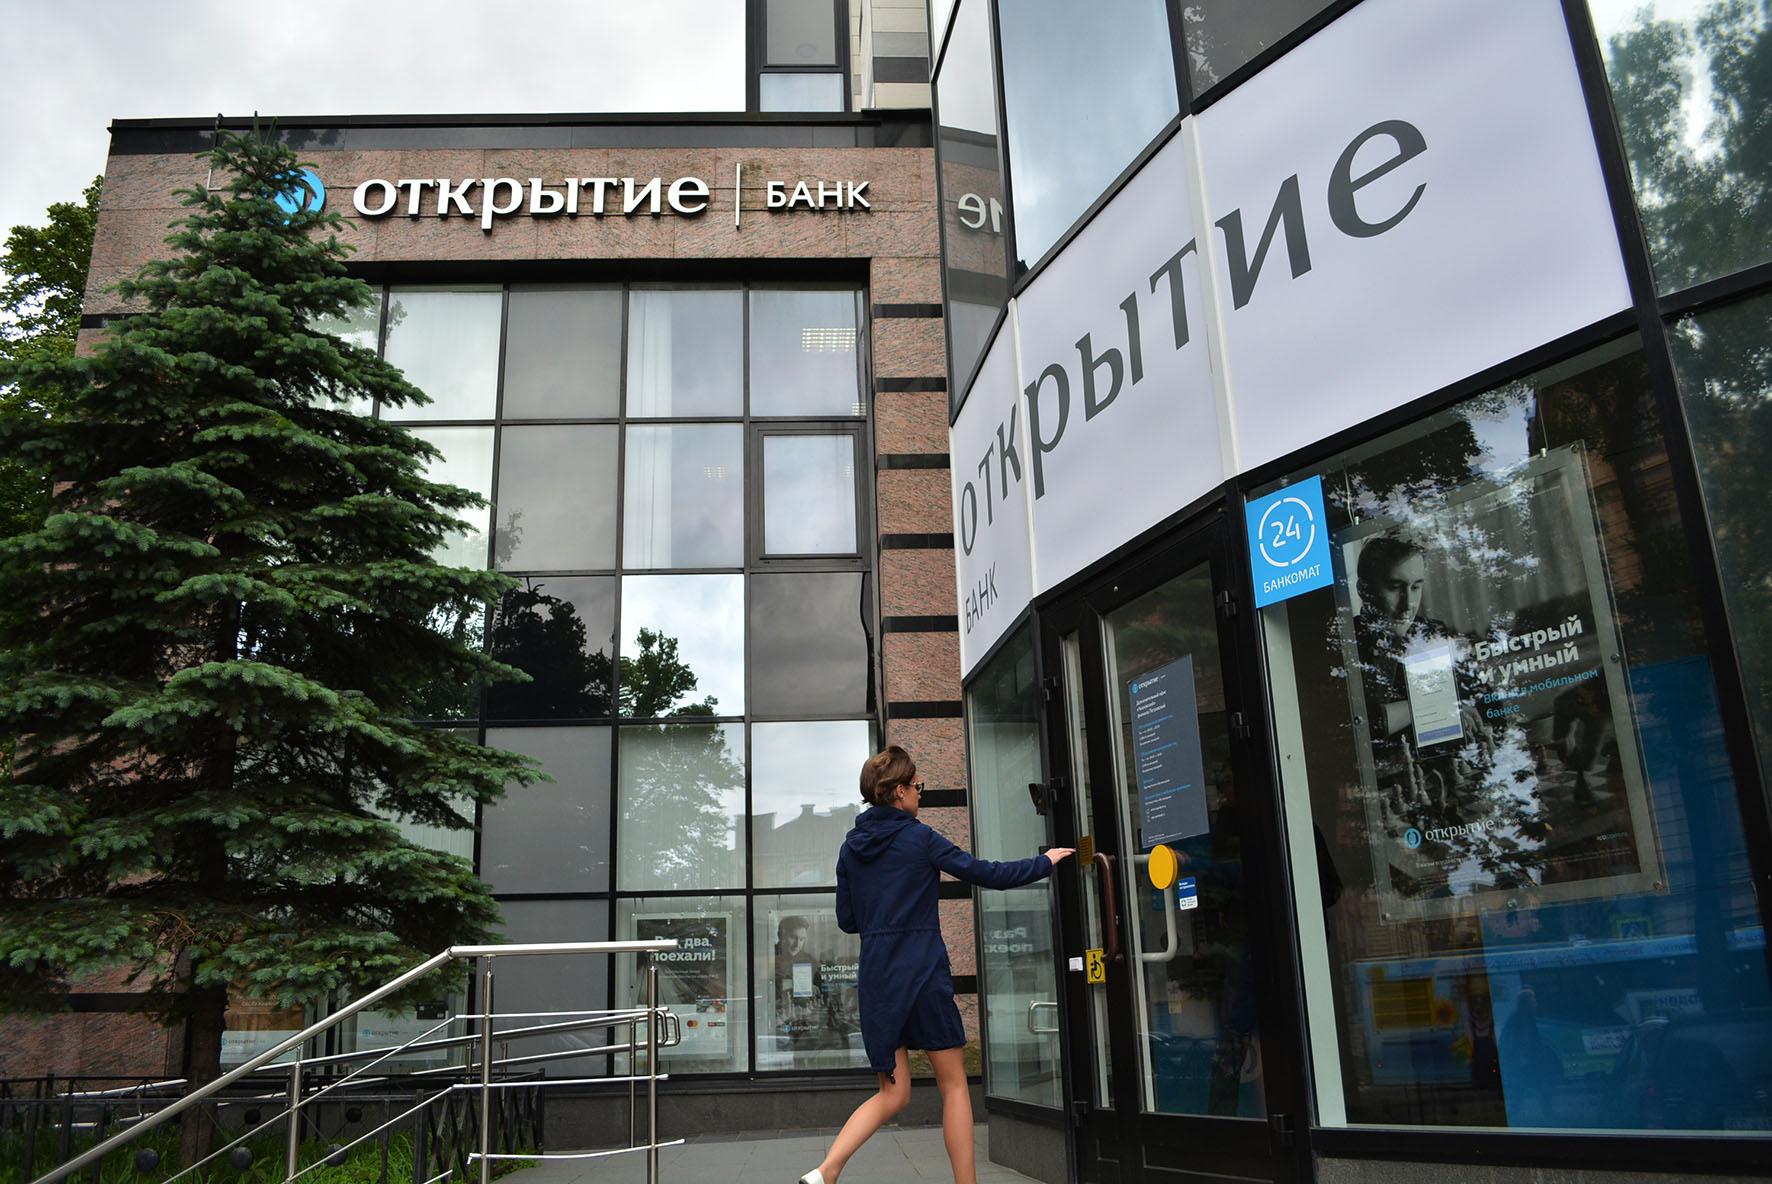 Банк «Открытие» добавил в мобильный банк переводы с бизнес-карт клиентам сторонних банков